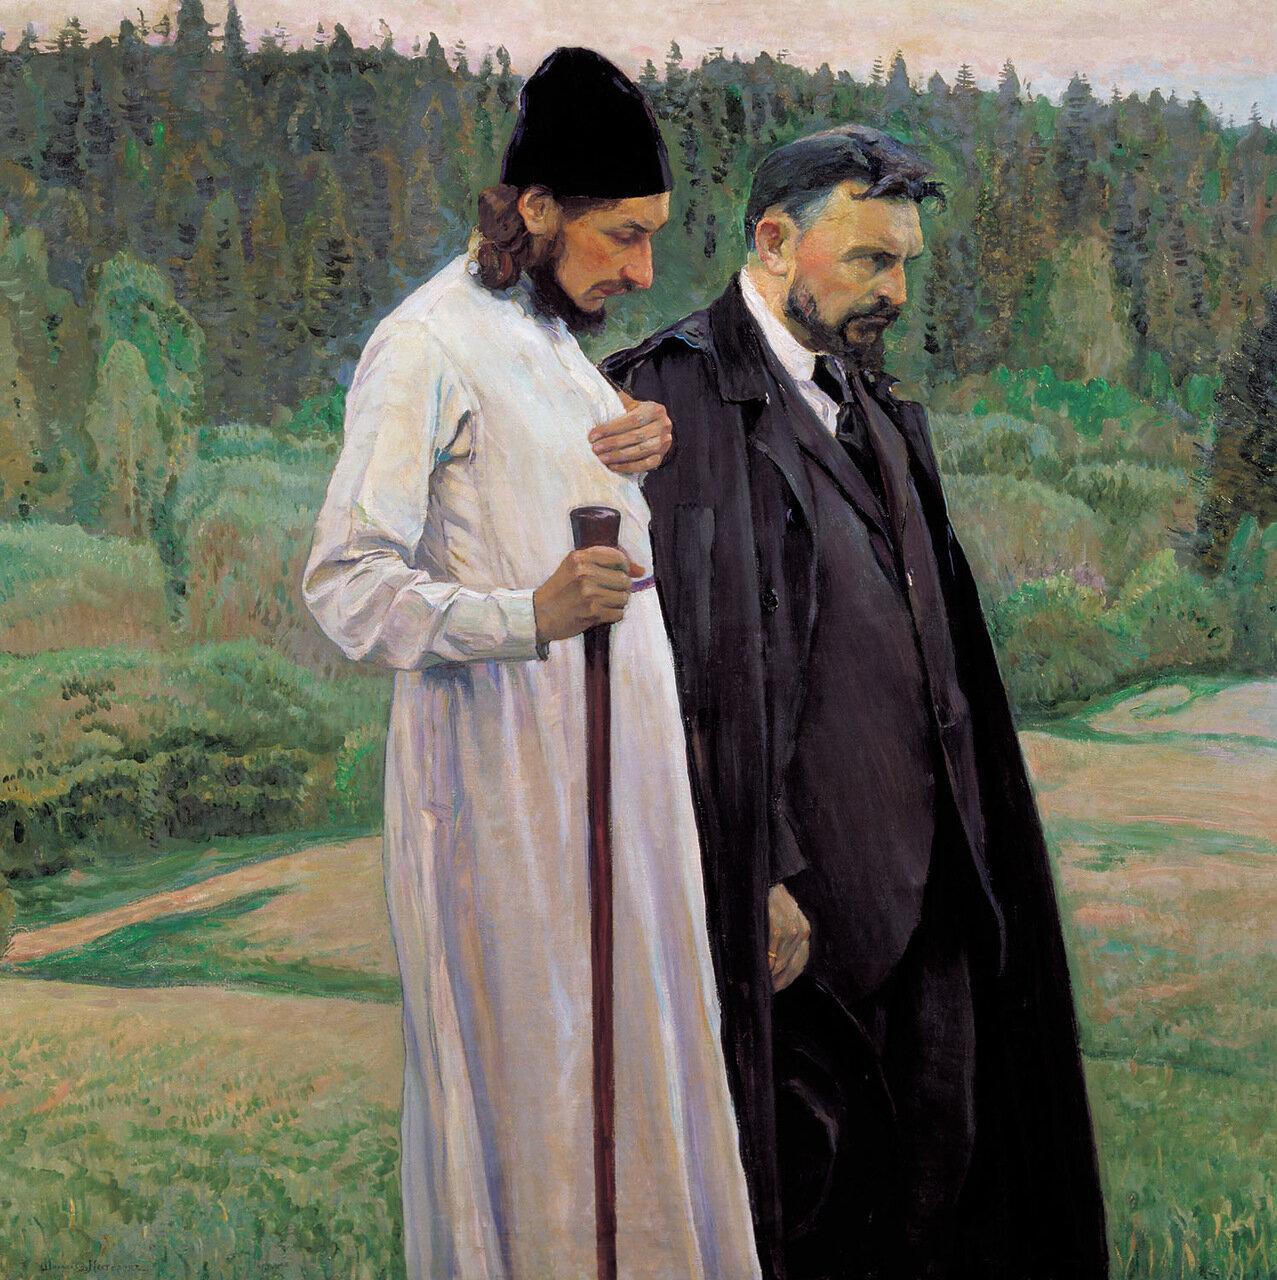 Философы. 1917, холст, масло, 123х125 см.jpg